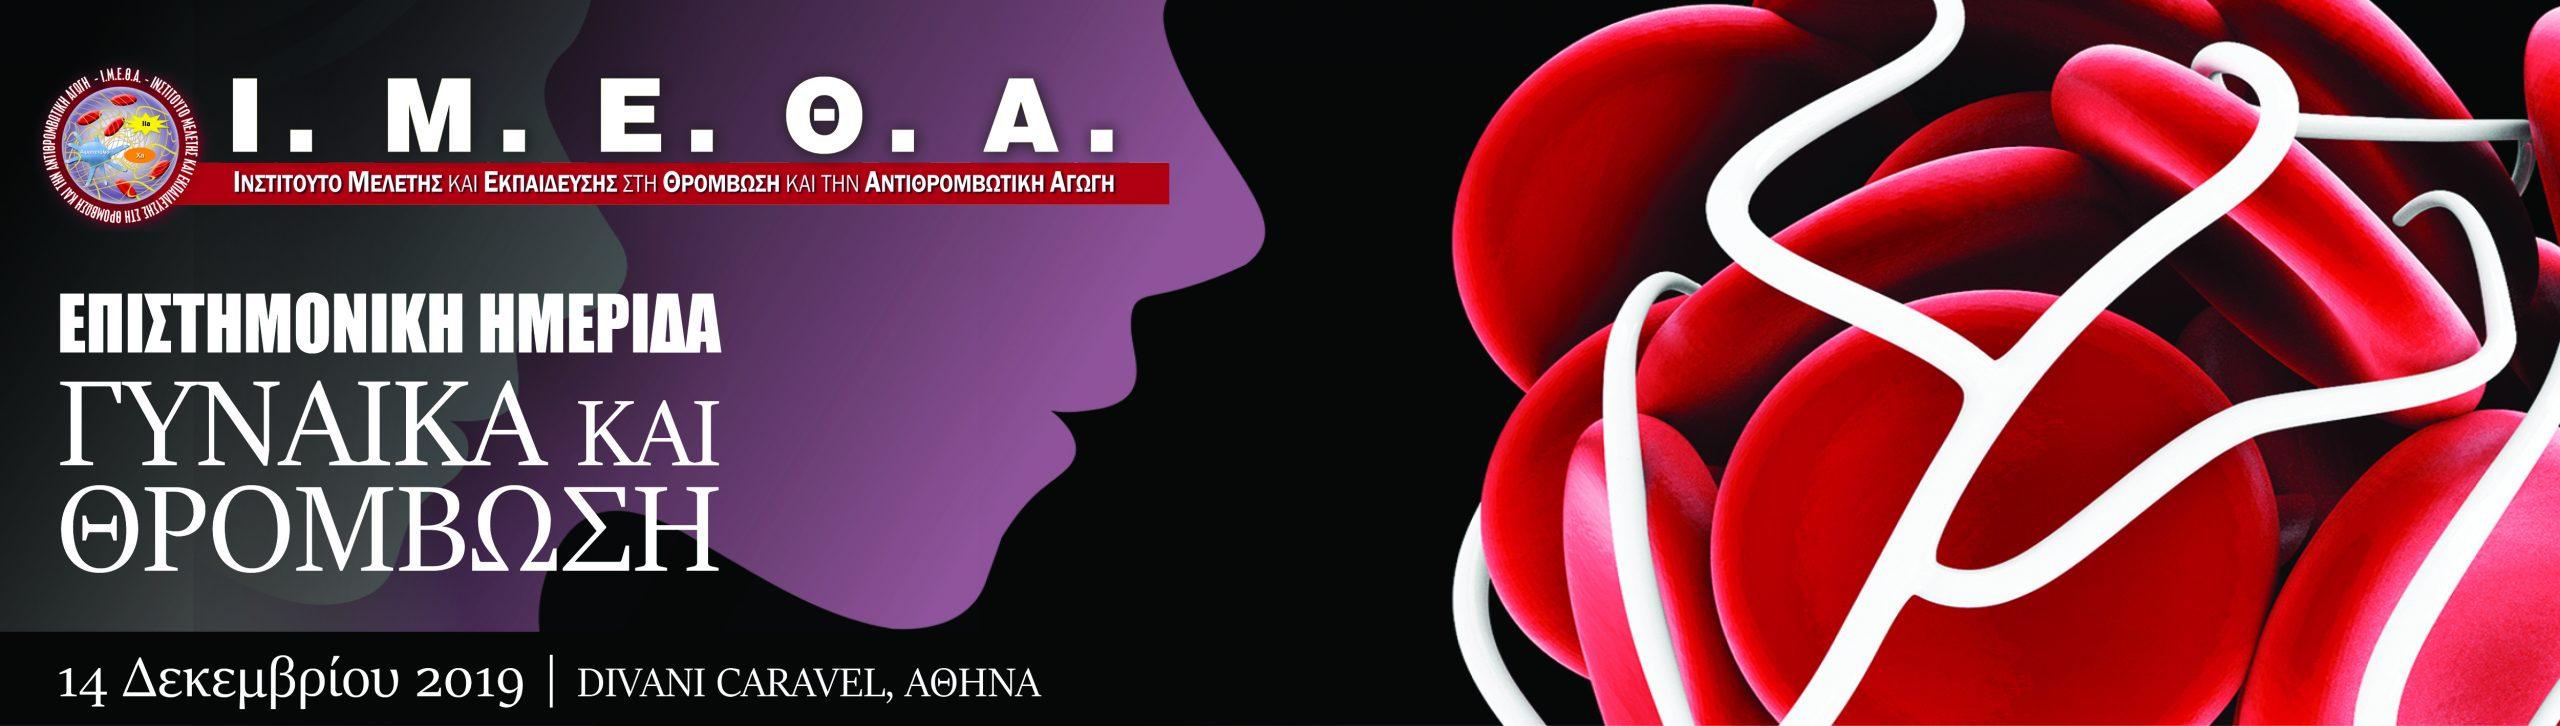 Επιστημονική Ημερίδα: Γυναίκα και Θρόμβωση (14/12/2019, DIVANI CARAVEL)